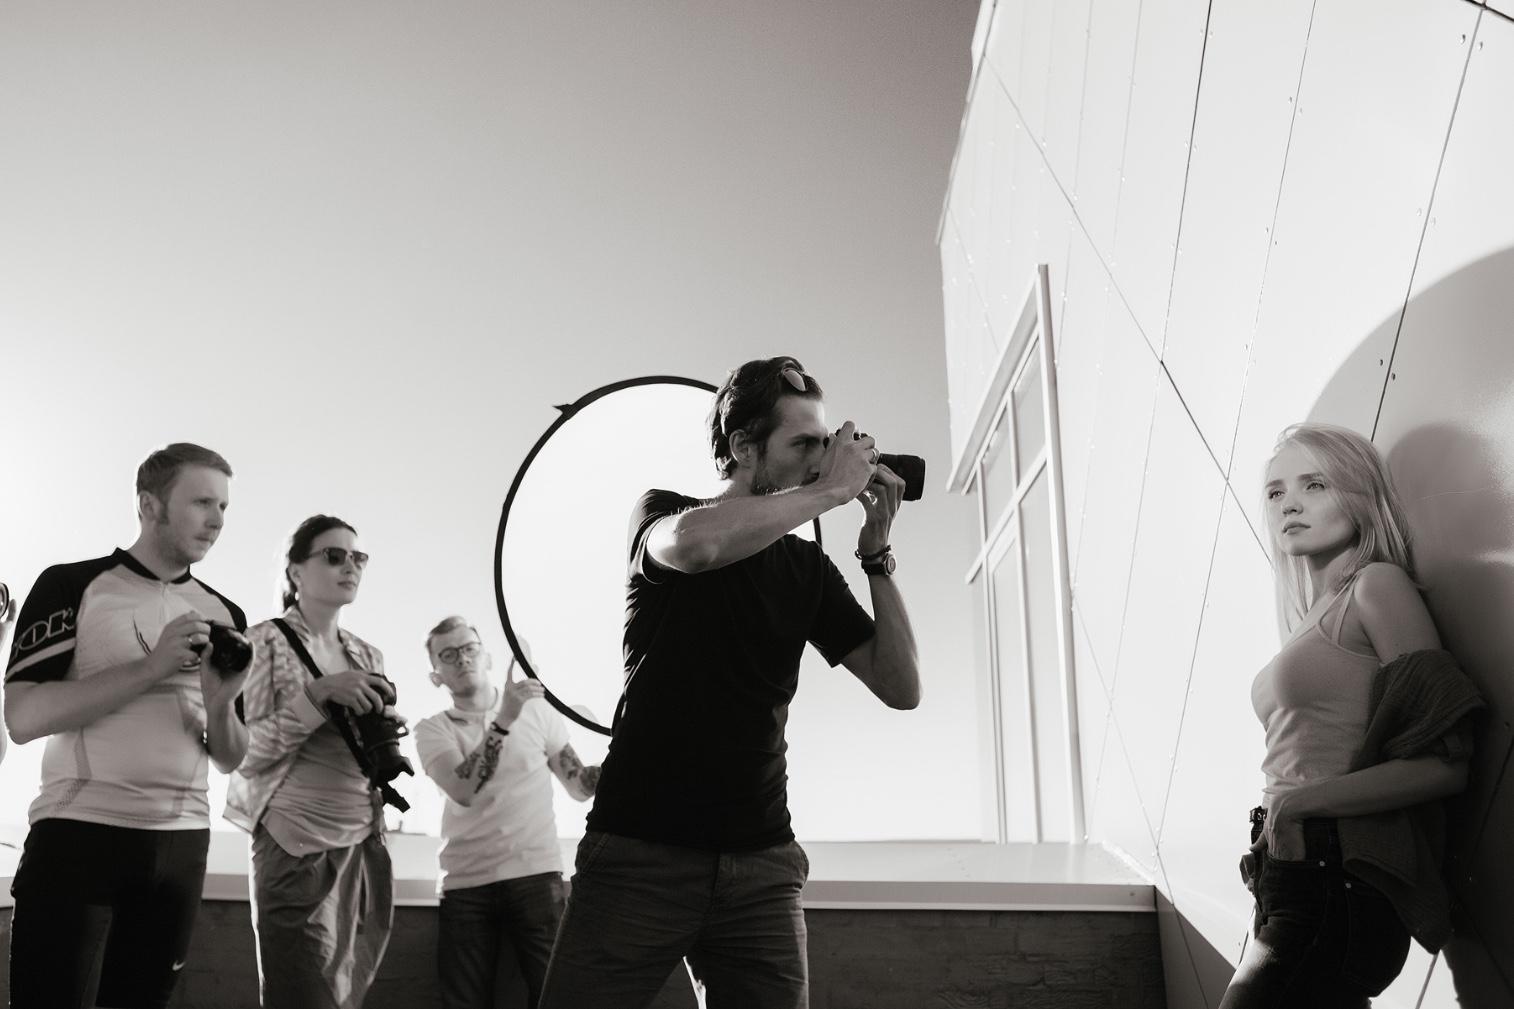 все иное как начать карьеру фотографа люстру